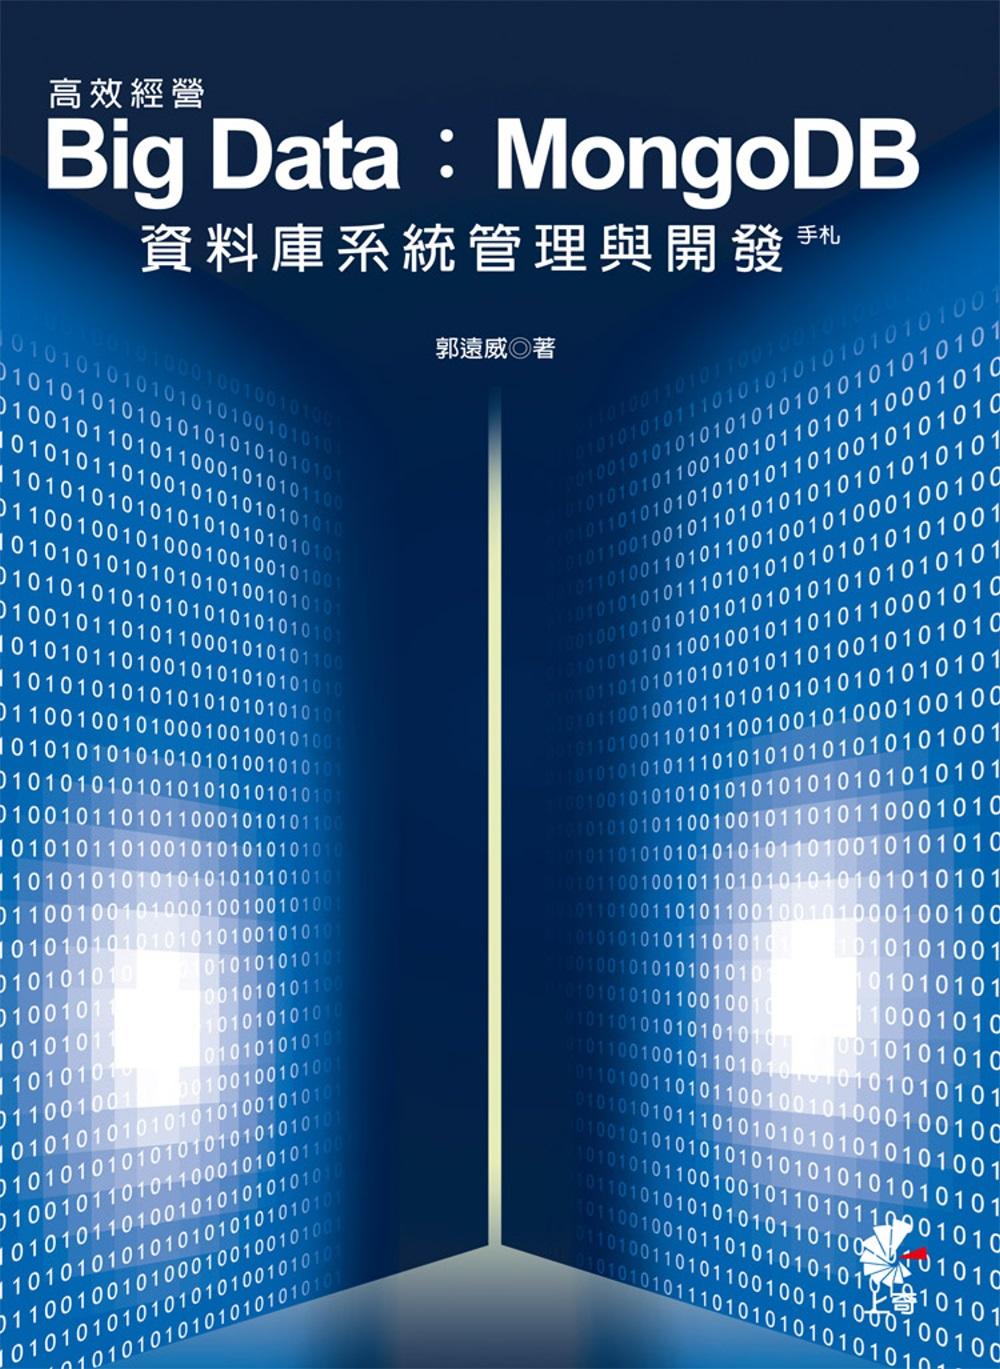 高效經營 Big Data:MongoDB資料庫系統管理與開發手札